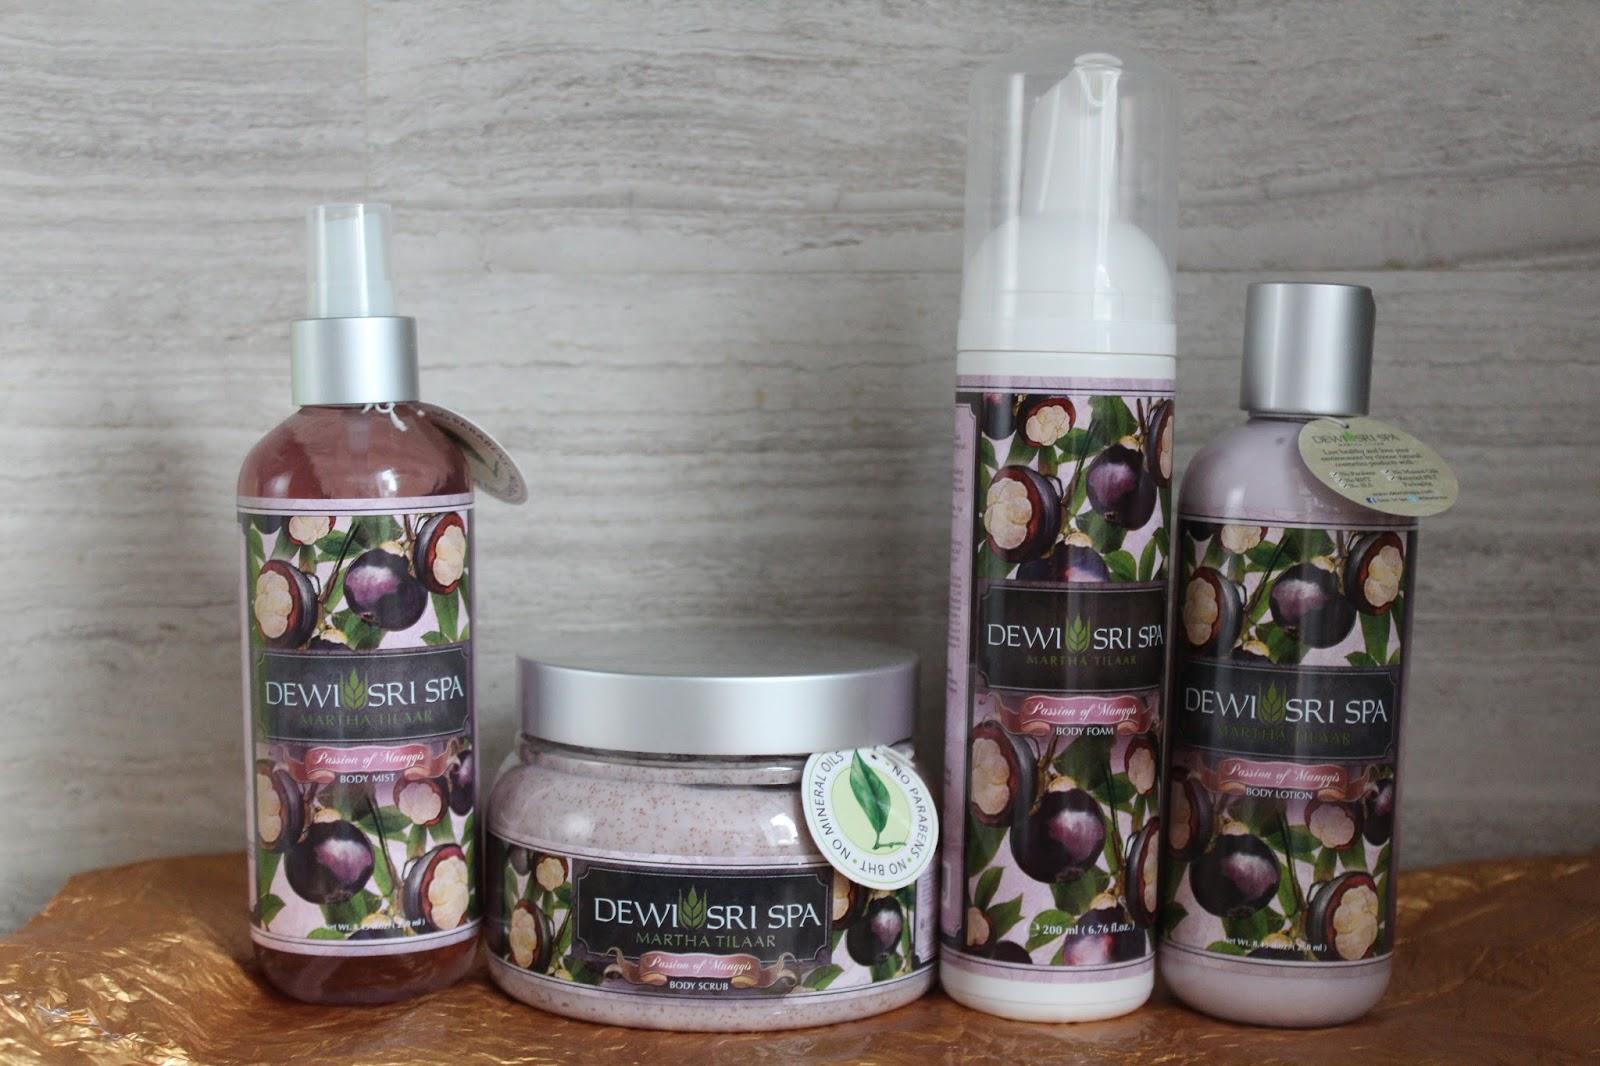 Dewi Sri Spa Passion of Maggnis Signature proizvodi za njegu kože tijela